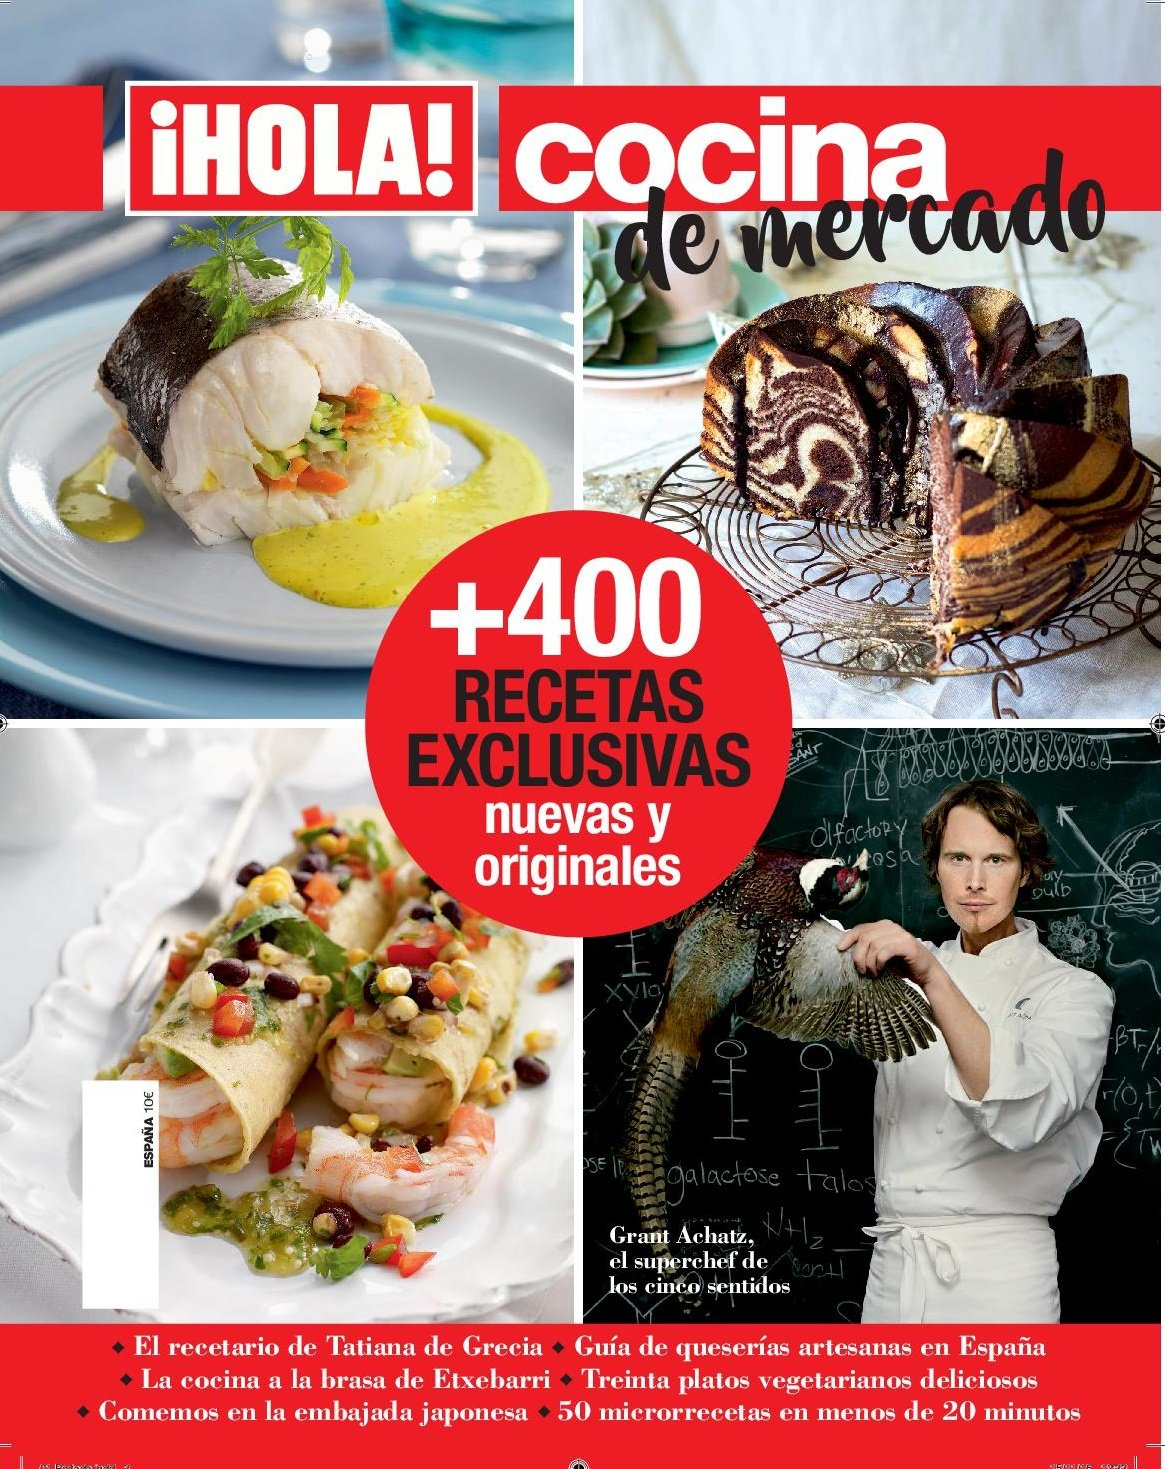 Hola! Cocina. 400 recetas exclusivas nuevas y originales: Amazon.es: Grupo Hola, Grupo Hola: Libros